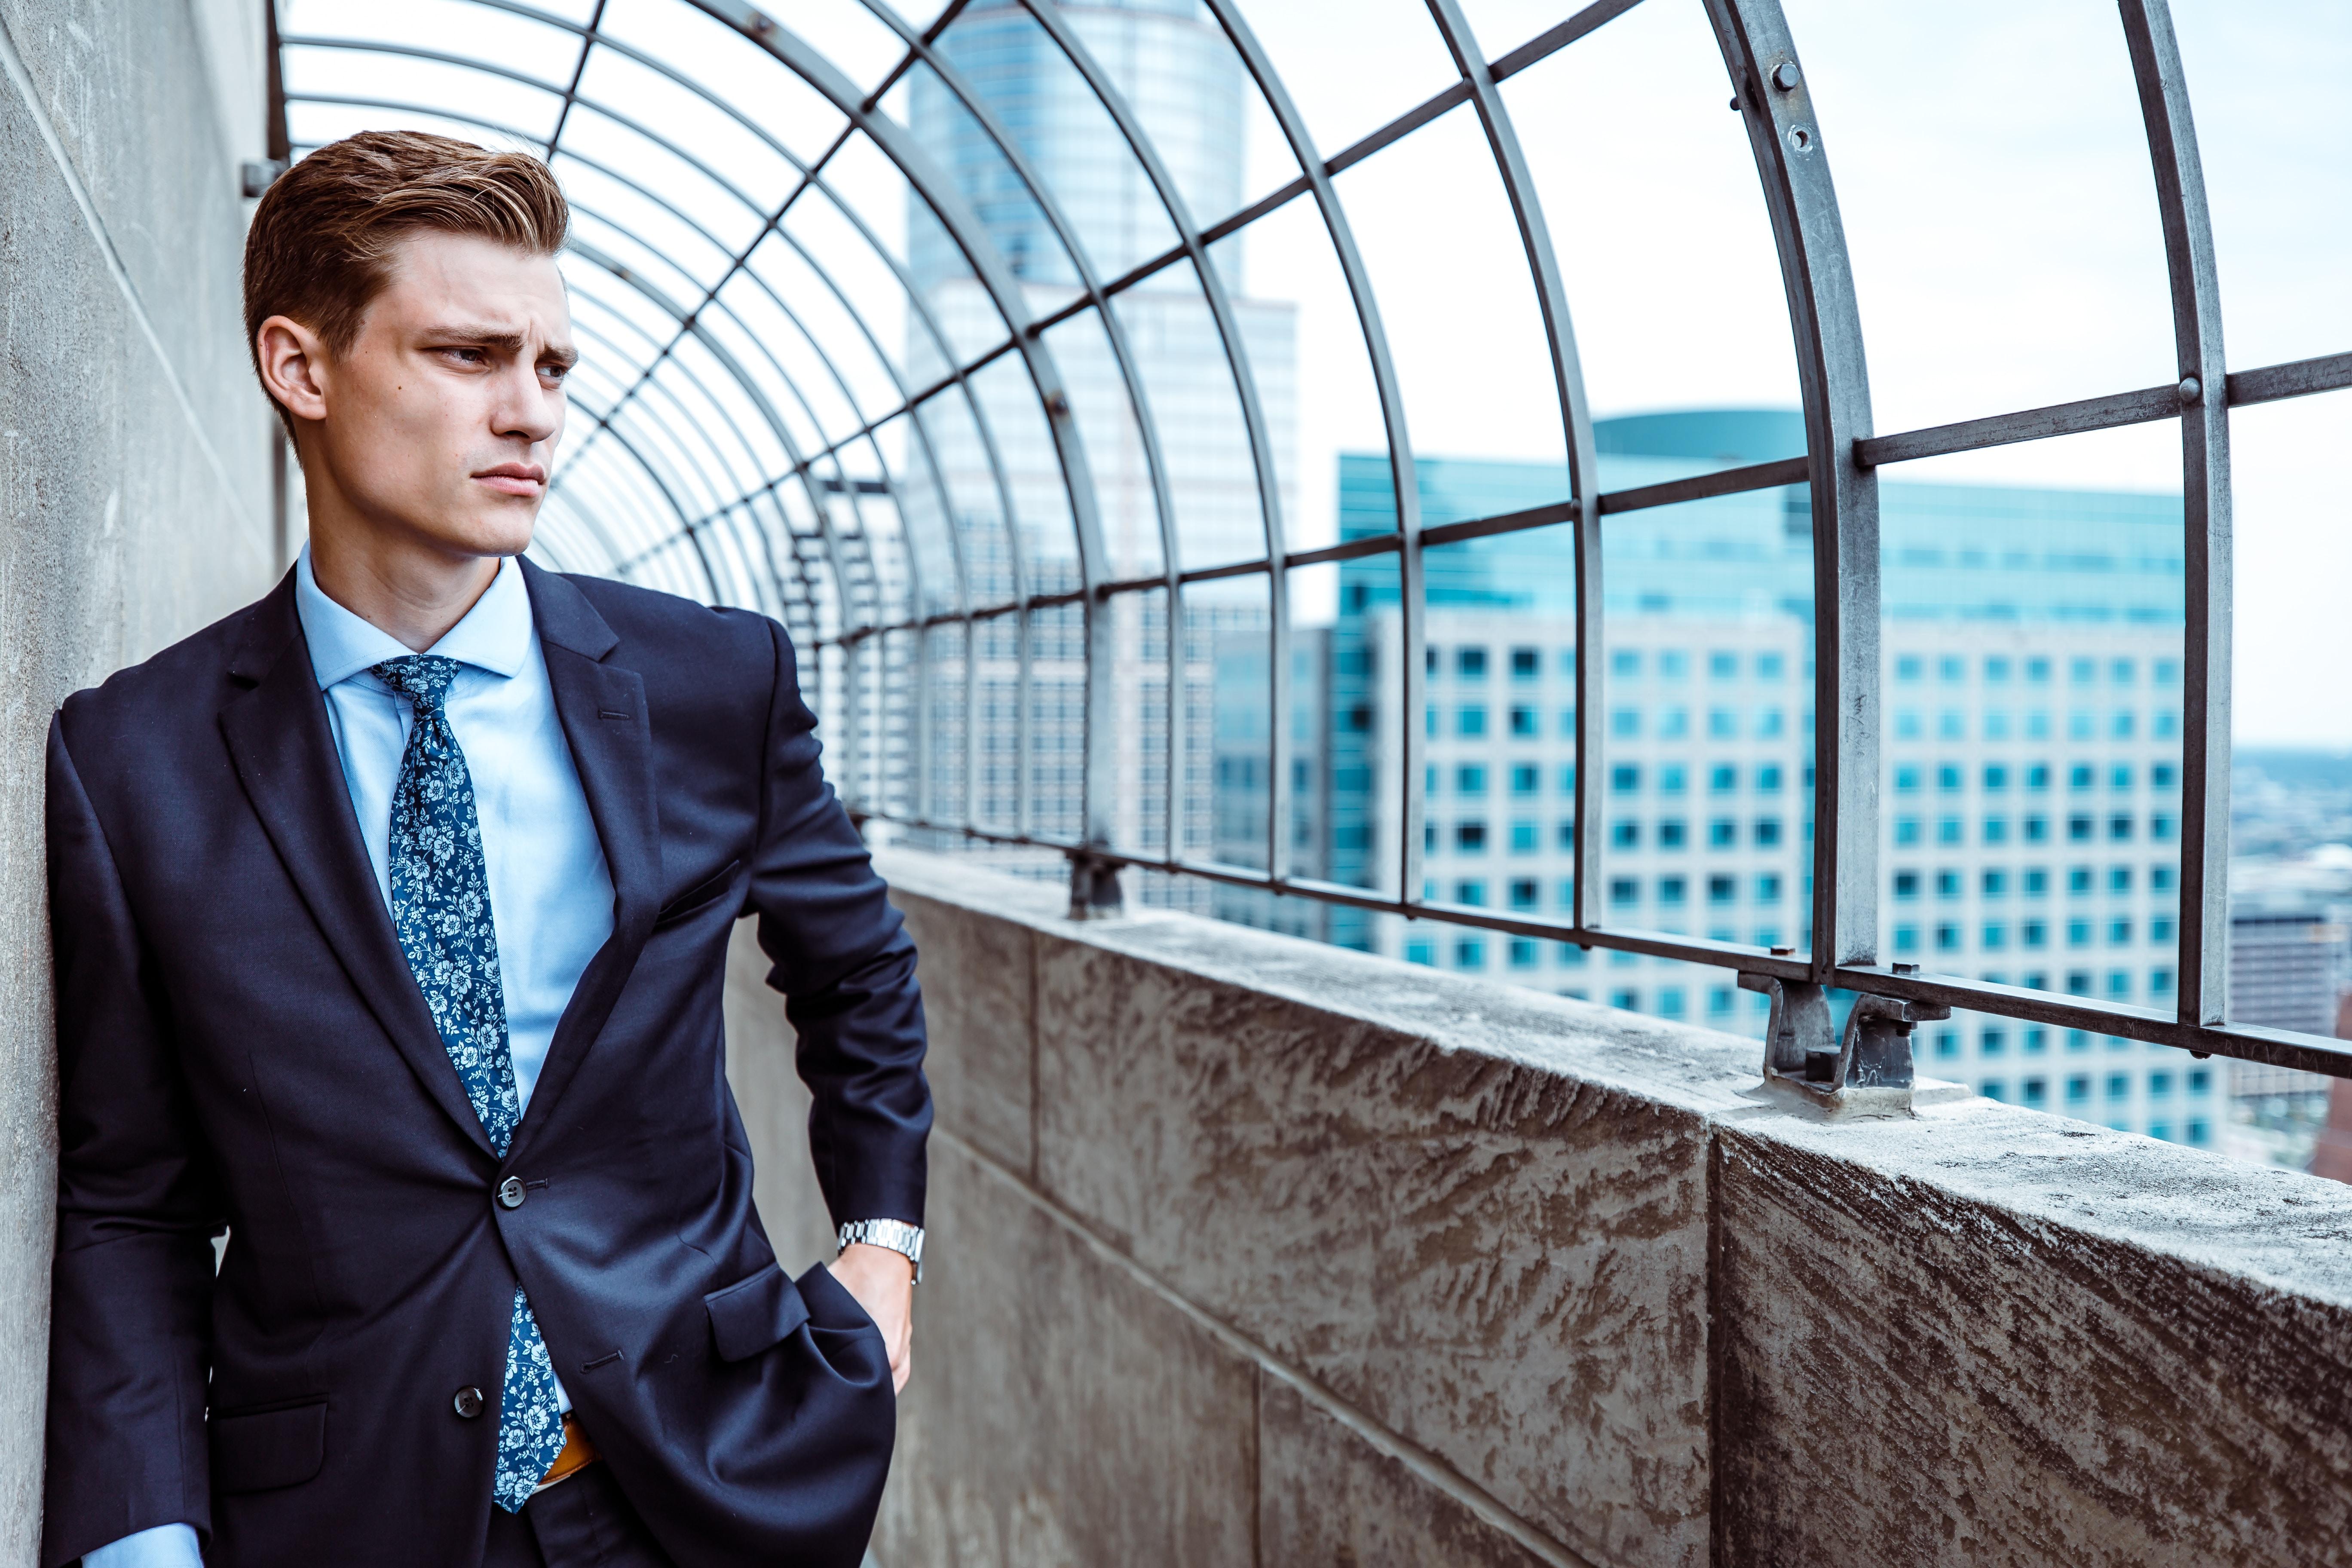 35歳男性に向いている転職先7つ 転職に悩む理由